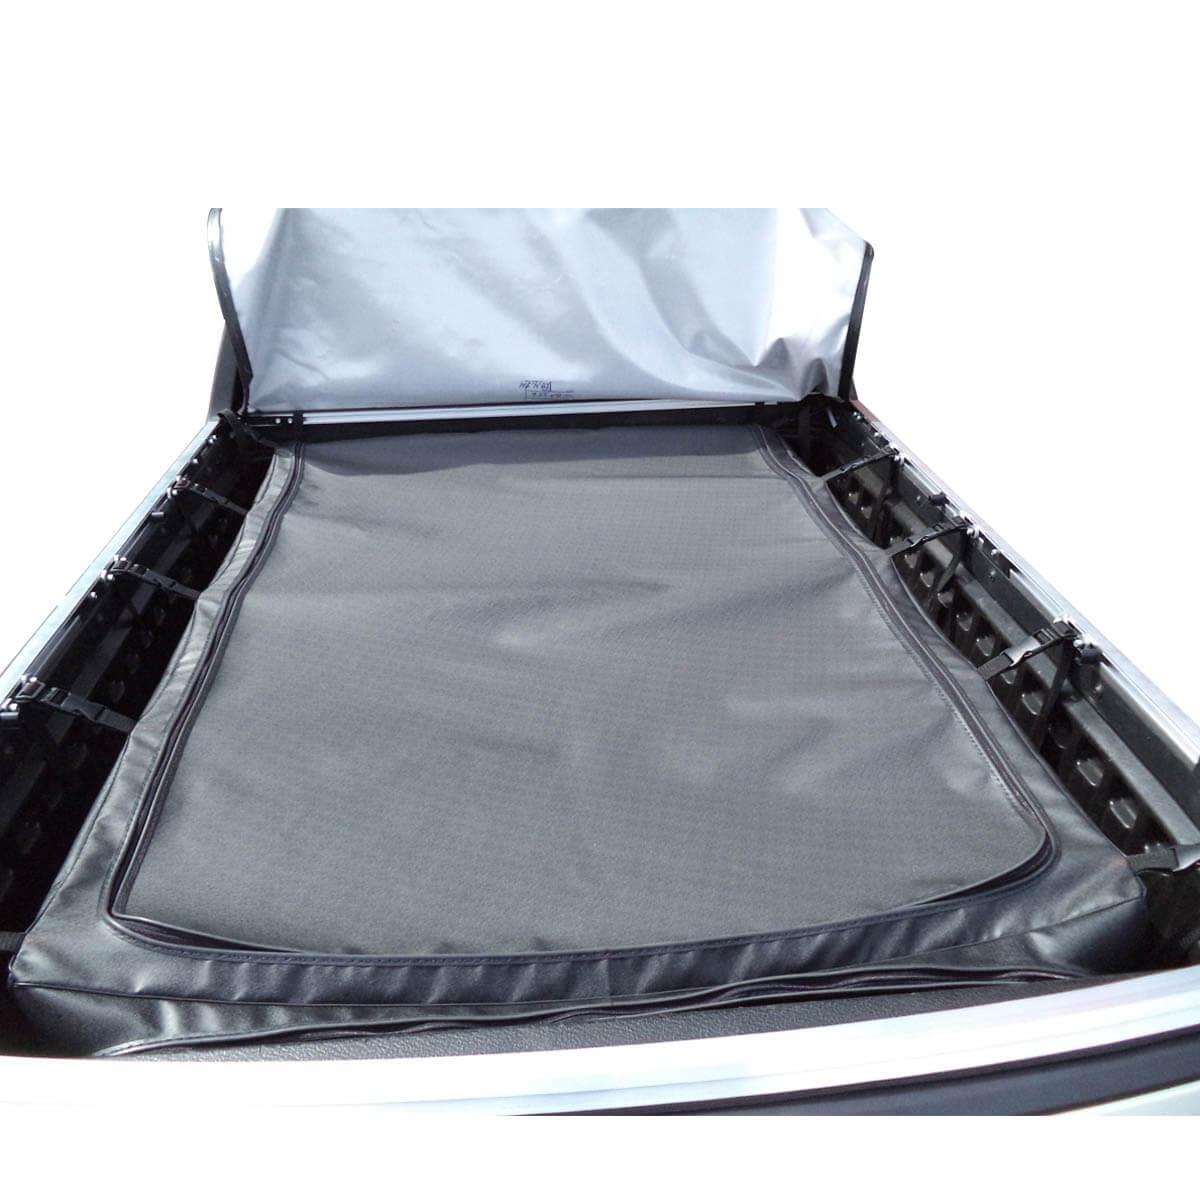 Bolsa caçamba estendida horizontal Frontier 2003 a 2007